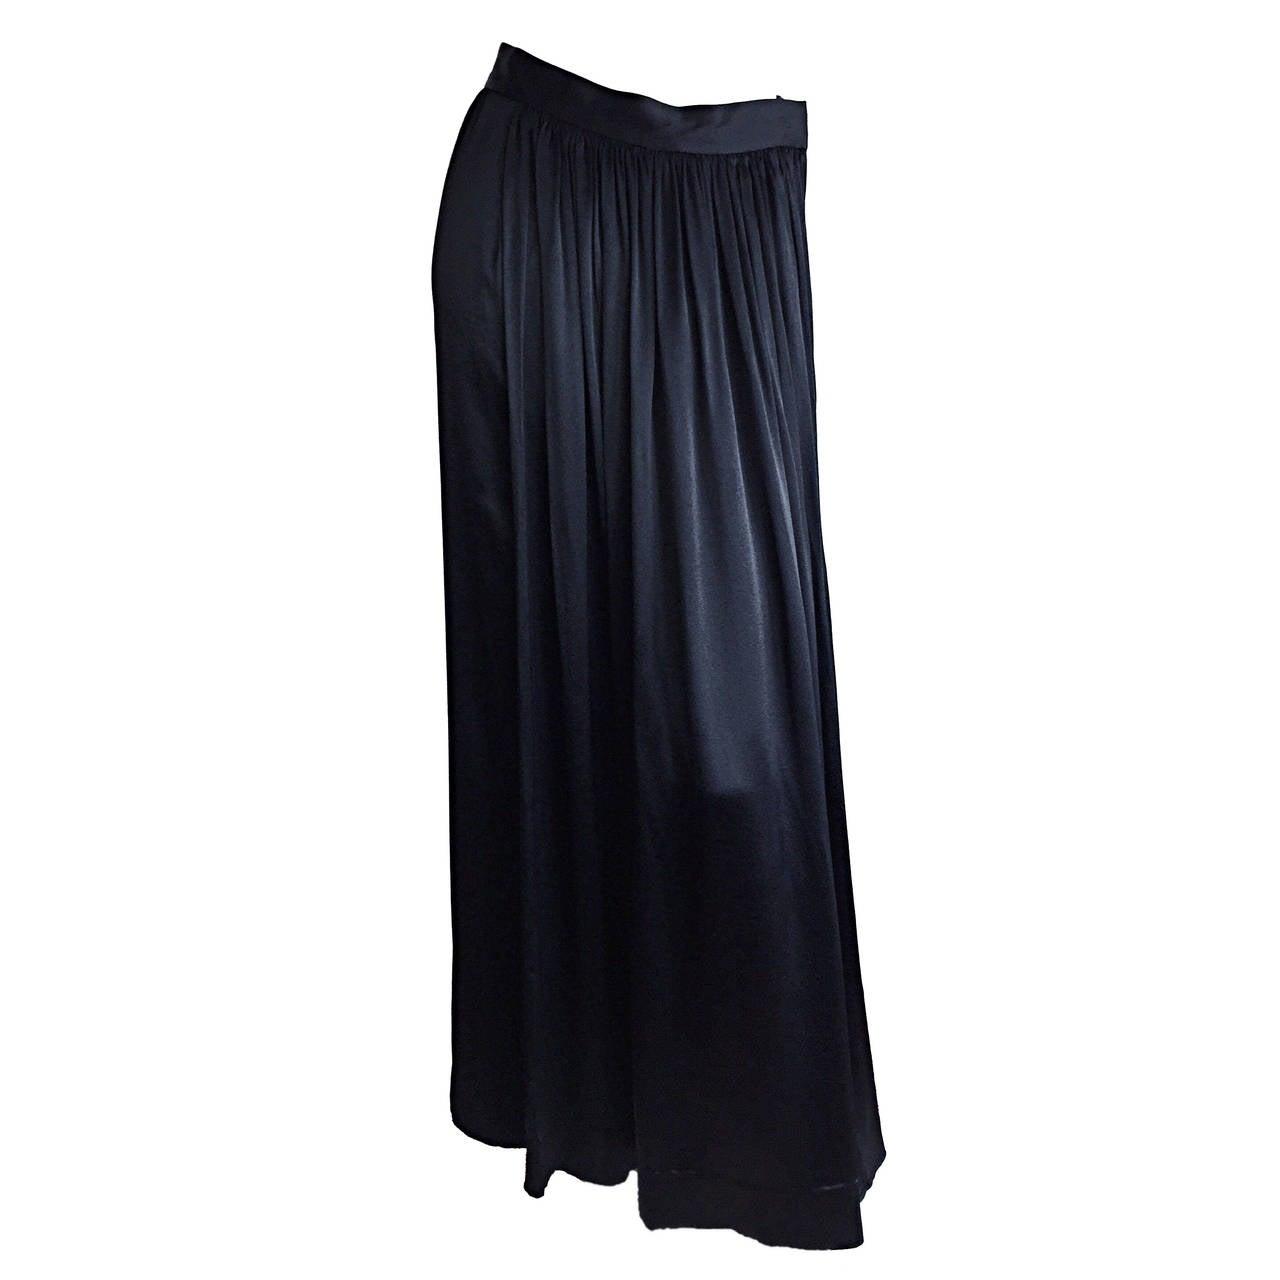 Unbelievable Vintage Yves Saint Laurent Rive Gauche Liquid Silk Maxi Skirt